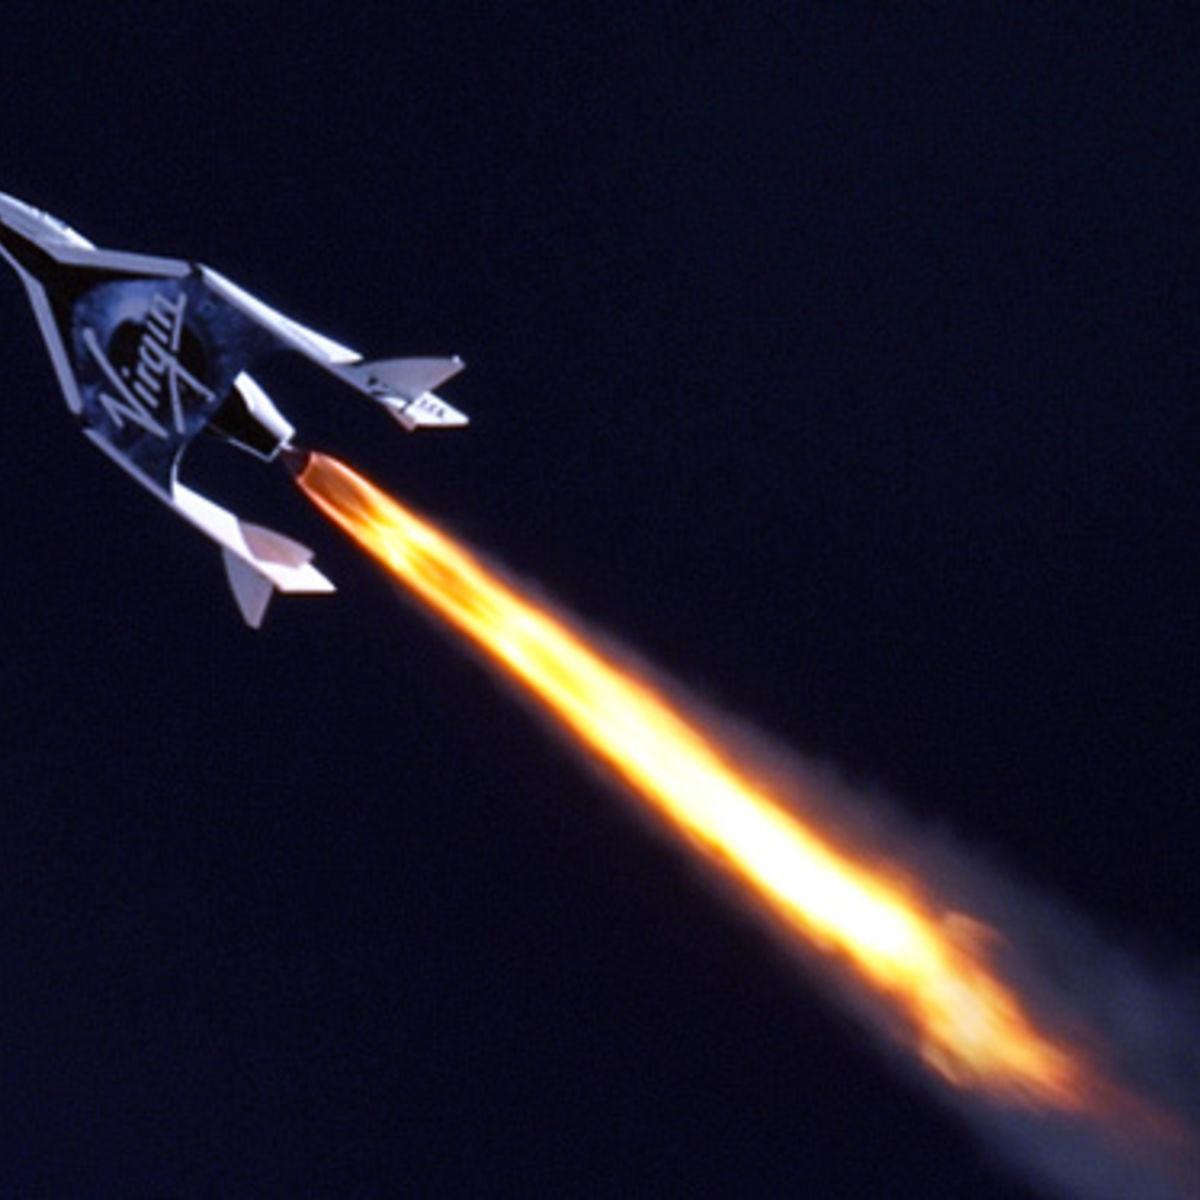 virgin_spaceship2test.jpg